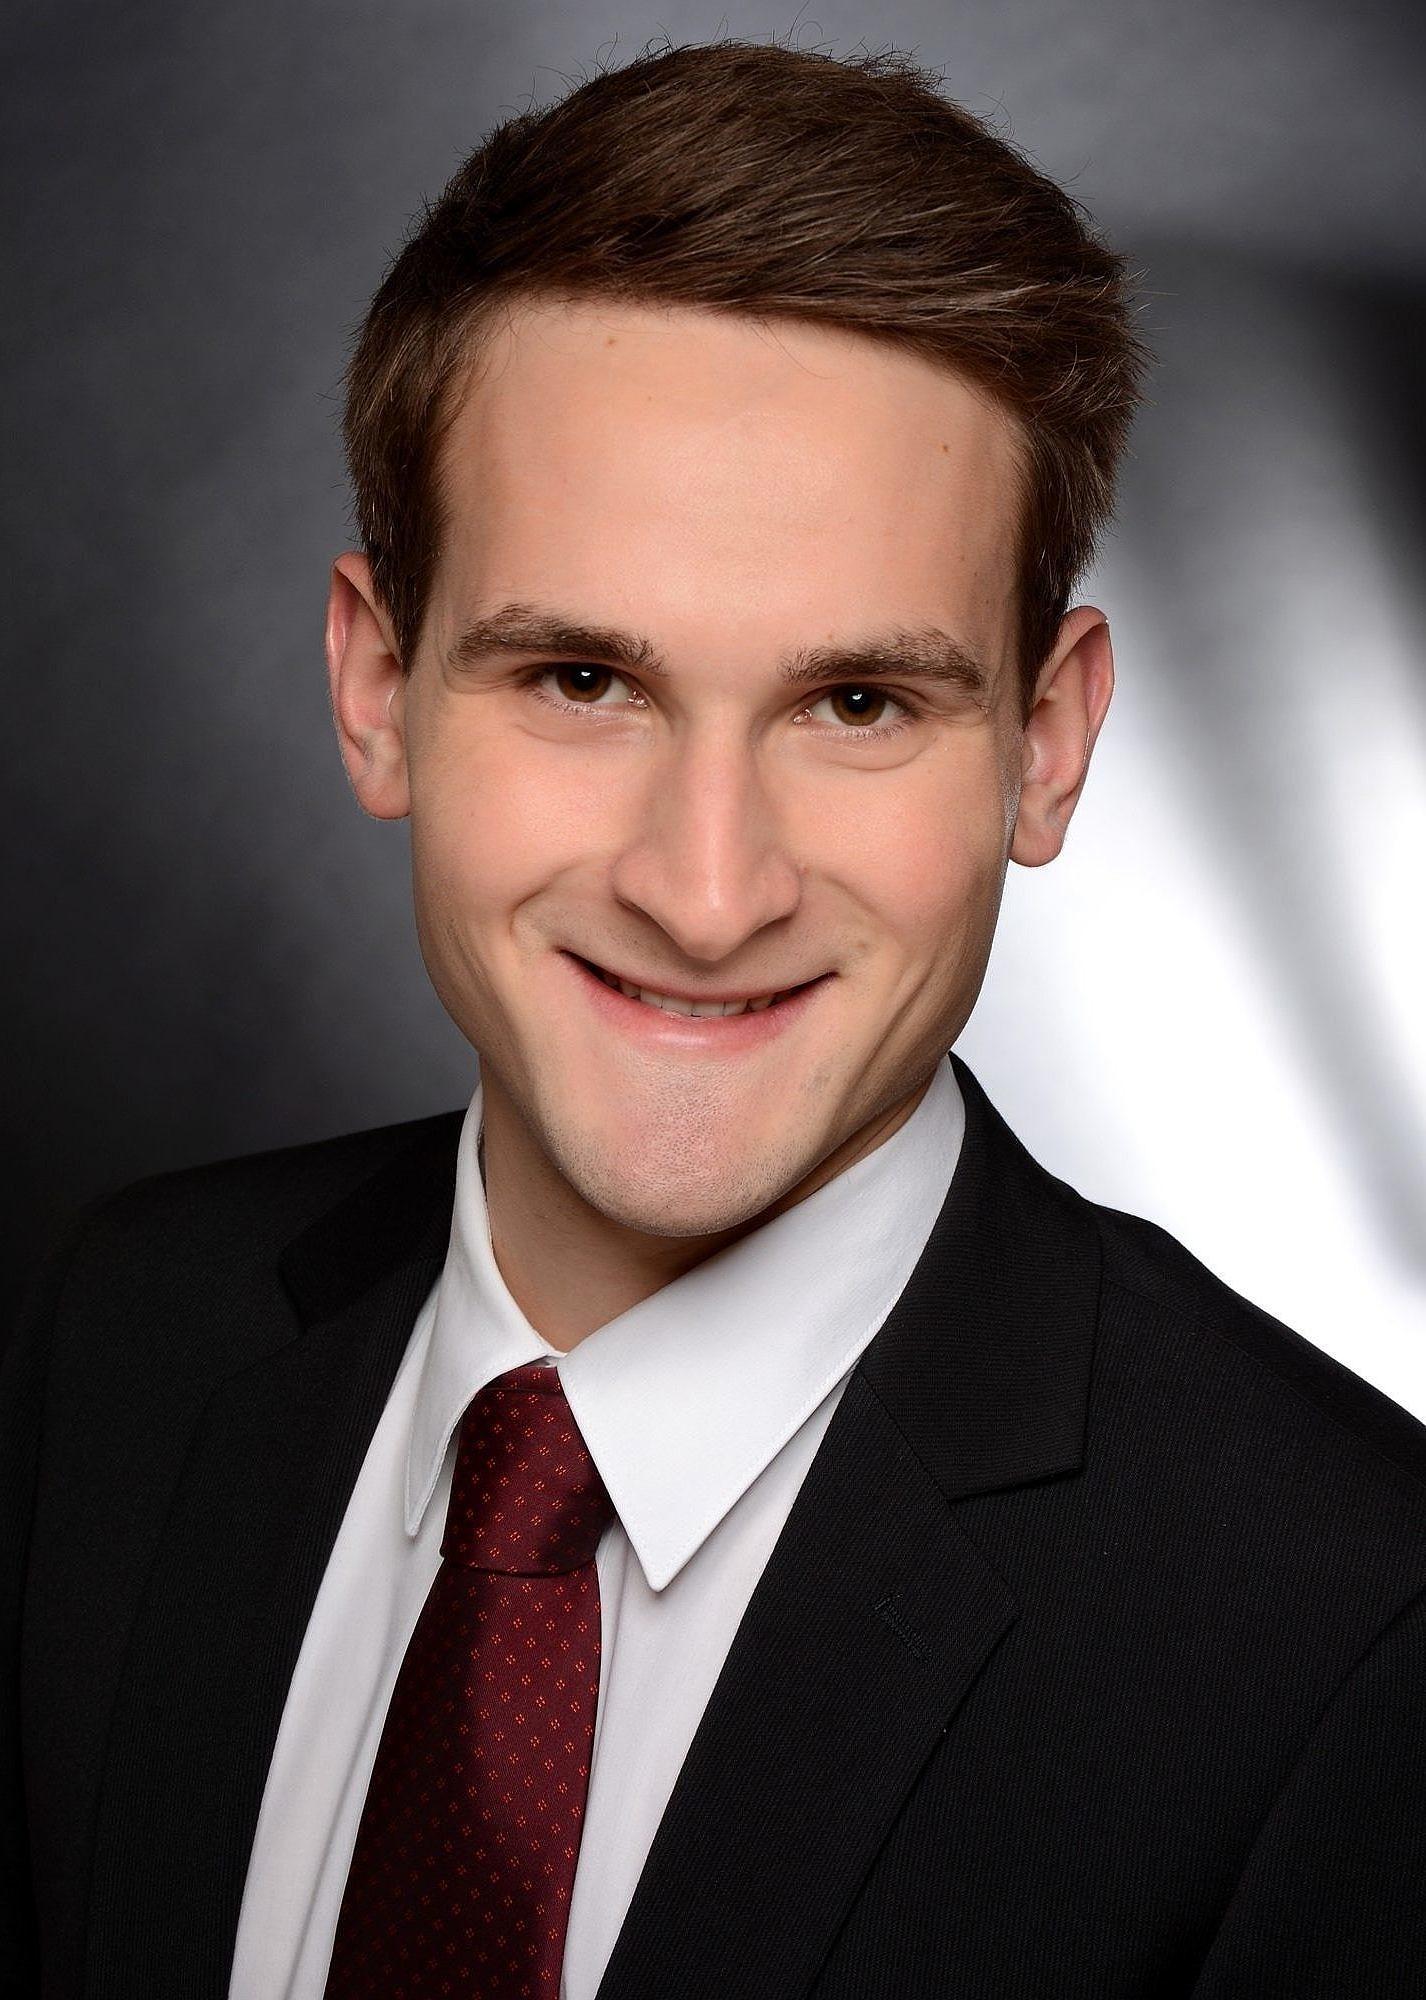 Markus Schober